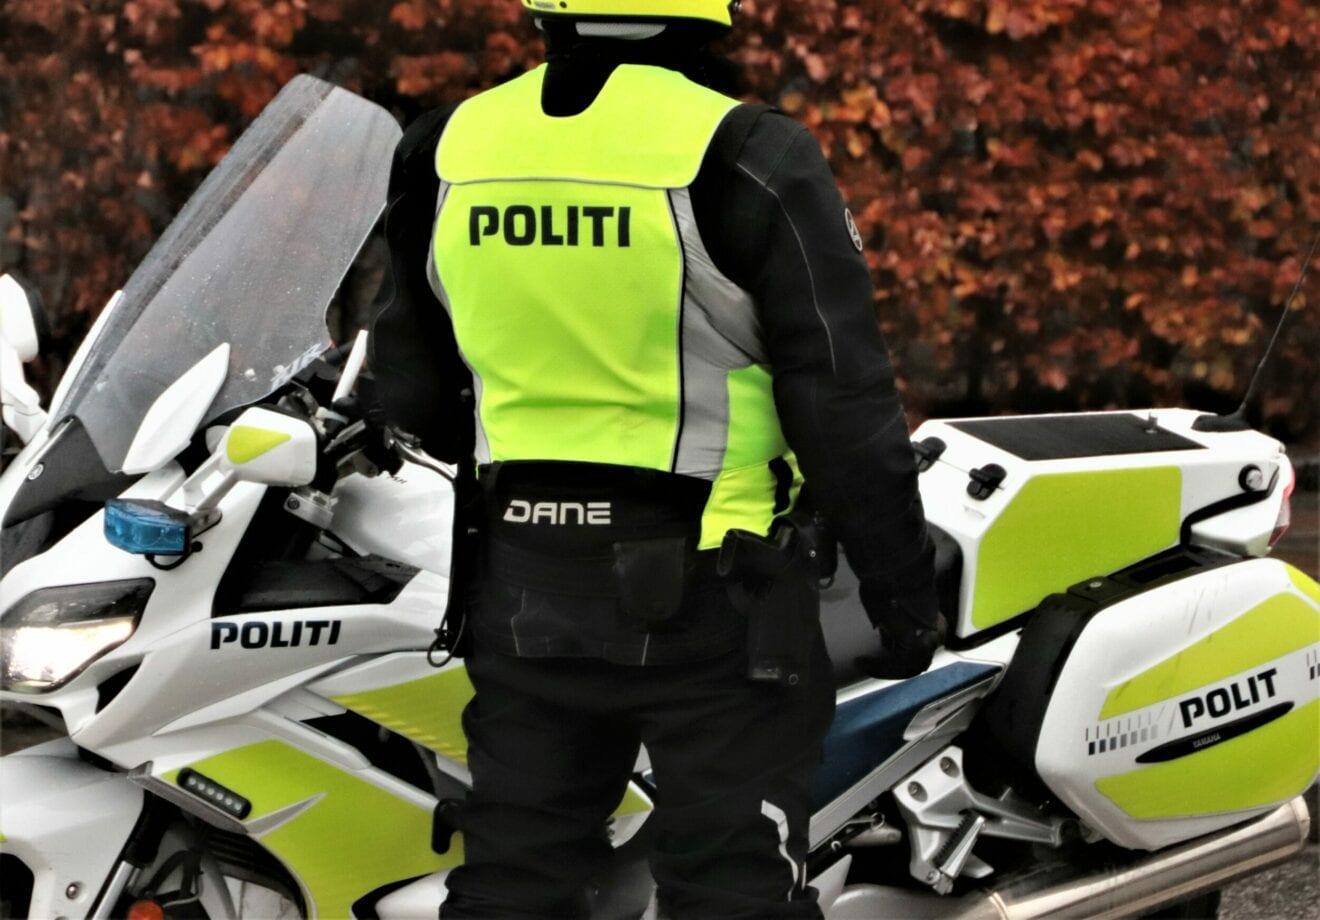 Politi stopper uopmærksomme trafikanter i den kommende uge